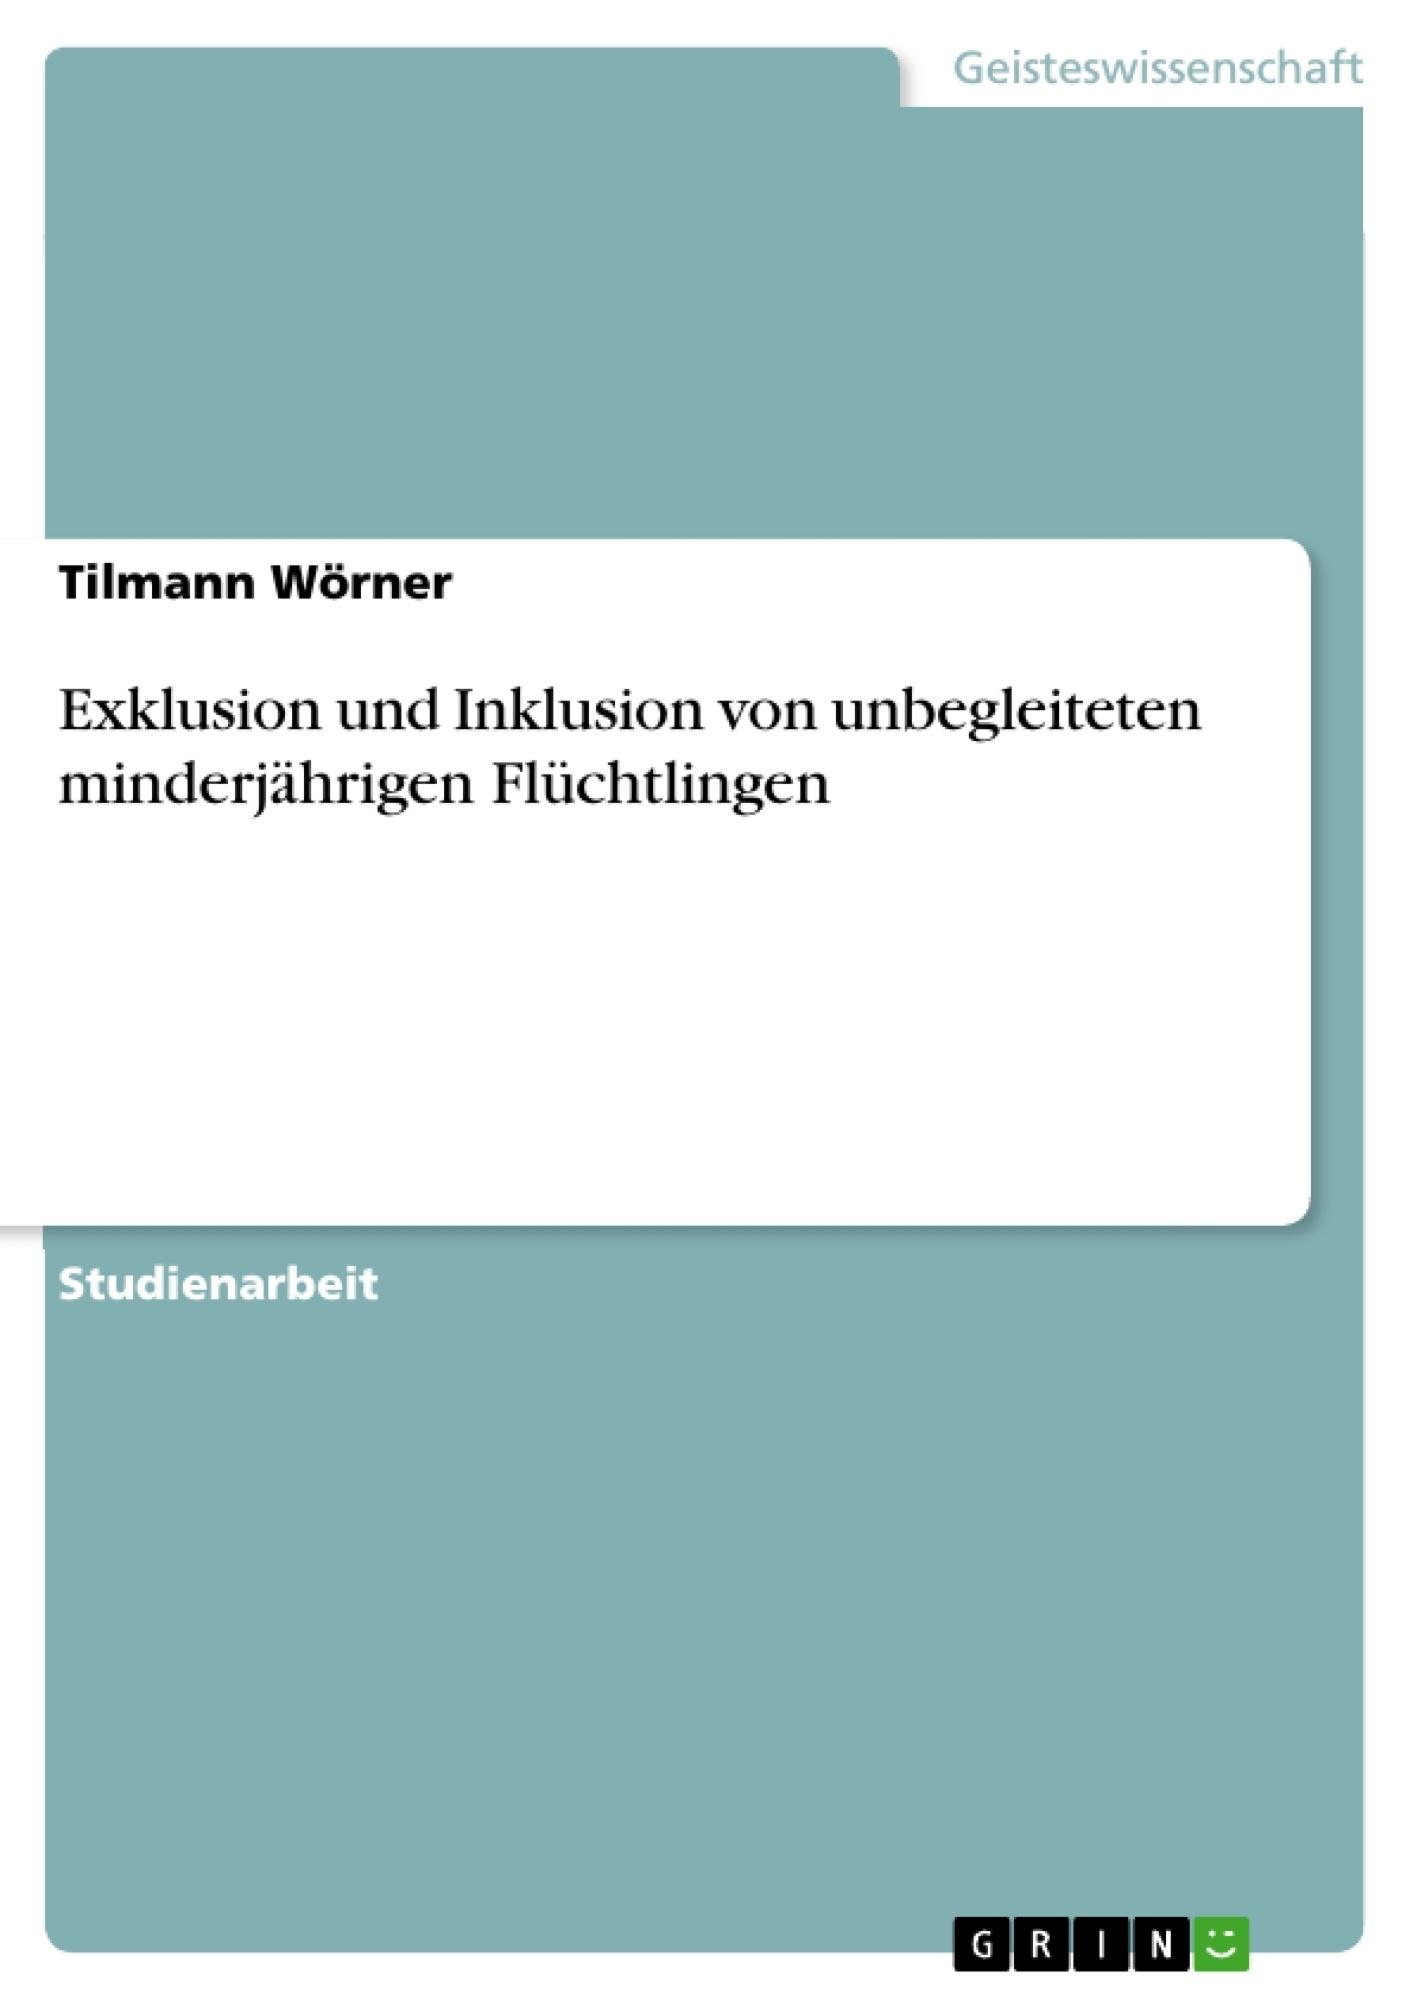 Titel: Exklusion und Inklusion von unbegleiteten minderjährigen Flüchtlingen